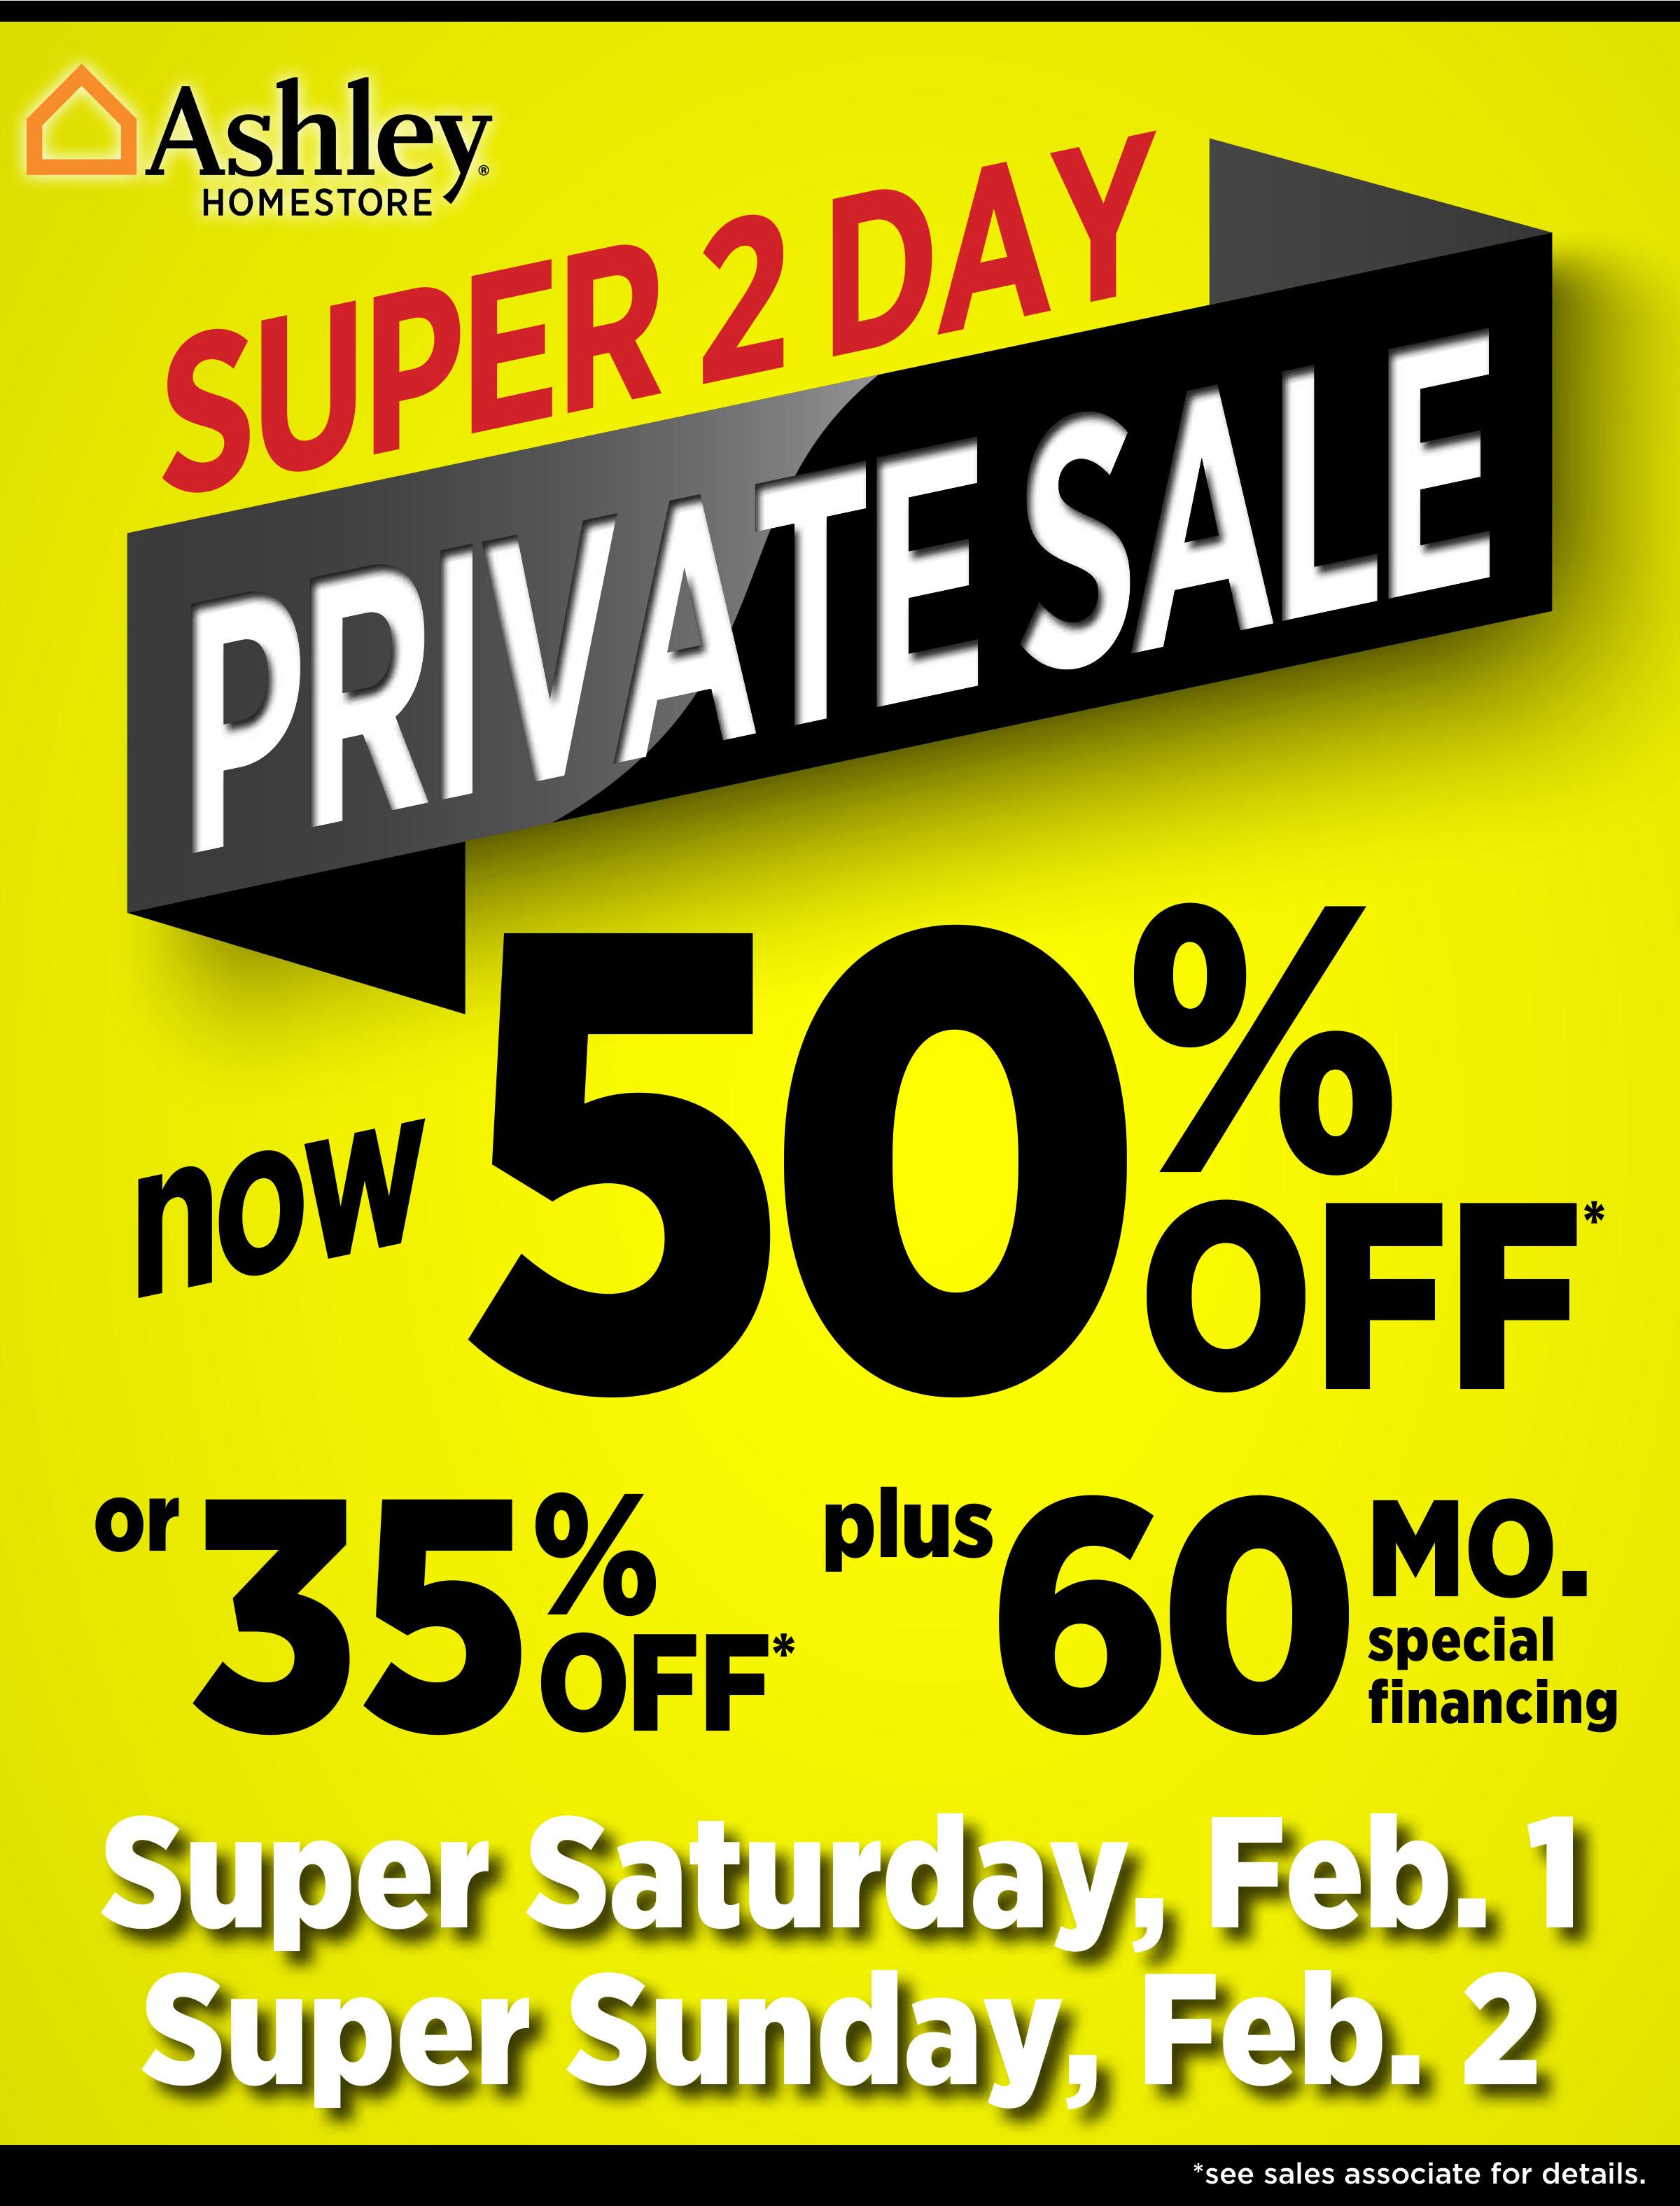 ashley-homestore-fairfield-ca-super-2-two-day-private-sale-february-2020